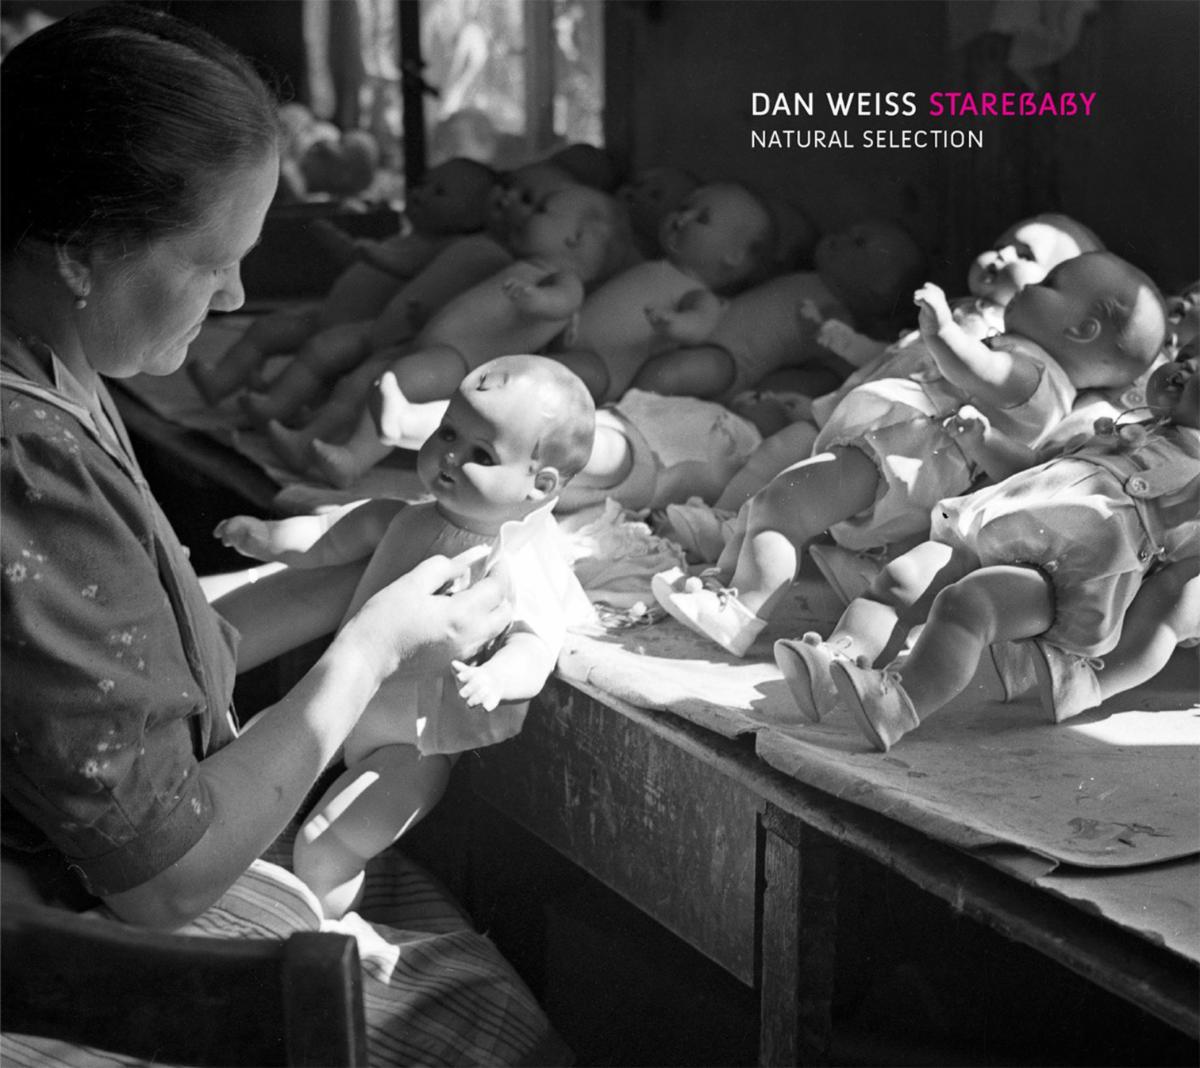 Jazz Supergroup Dan Weiss Starebaby